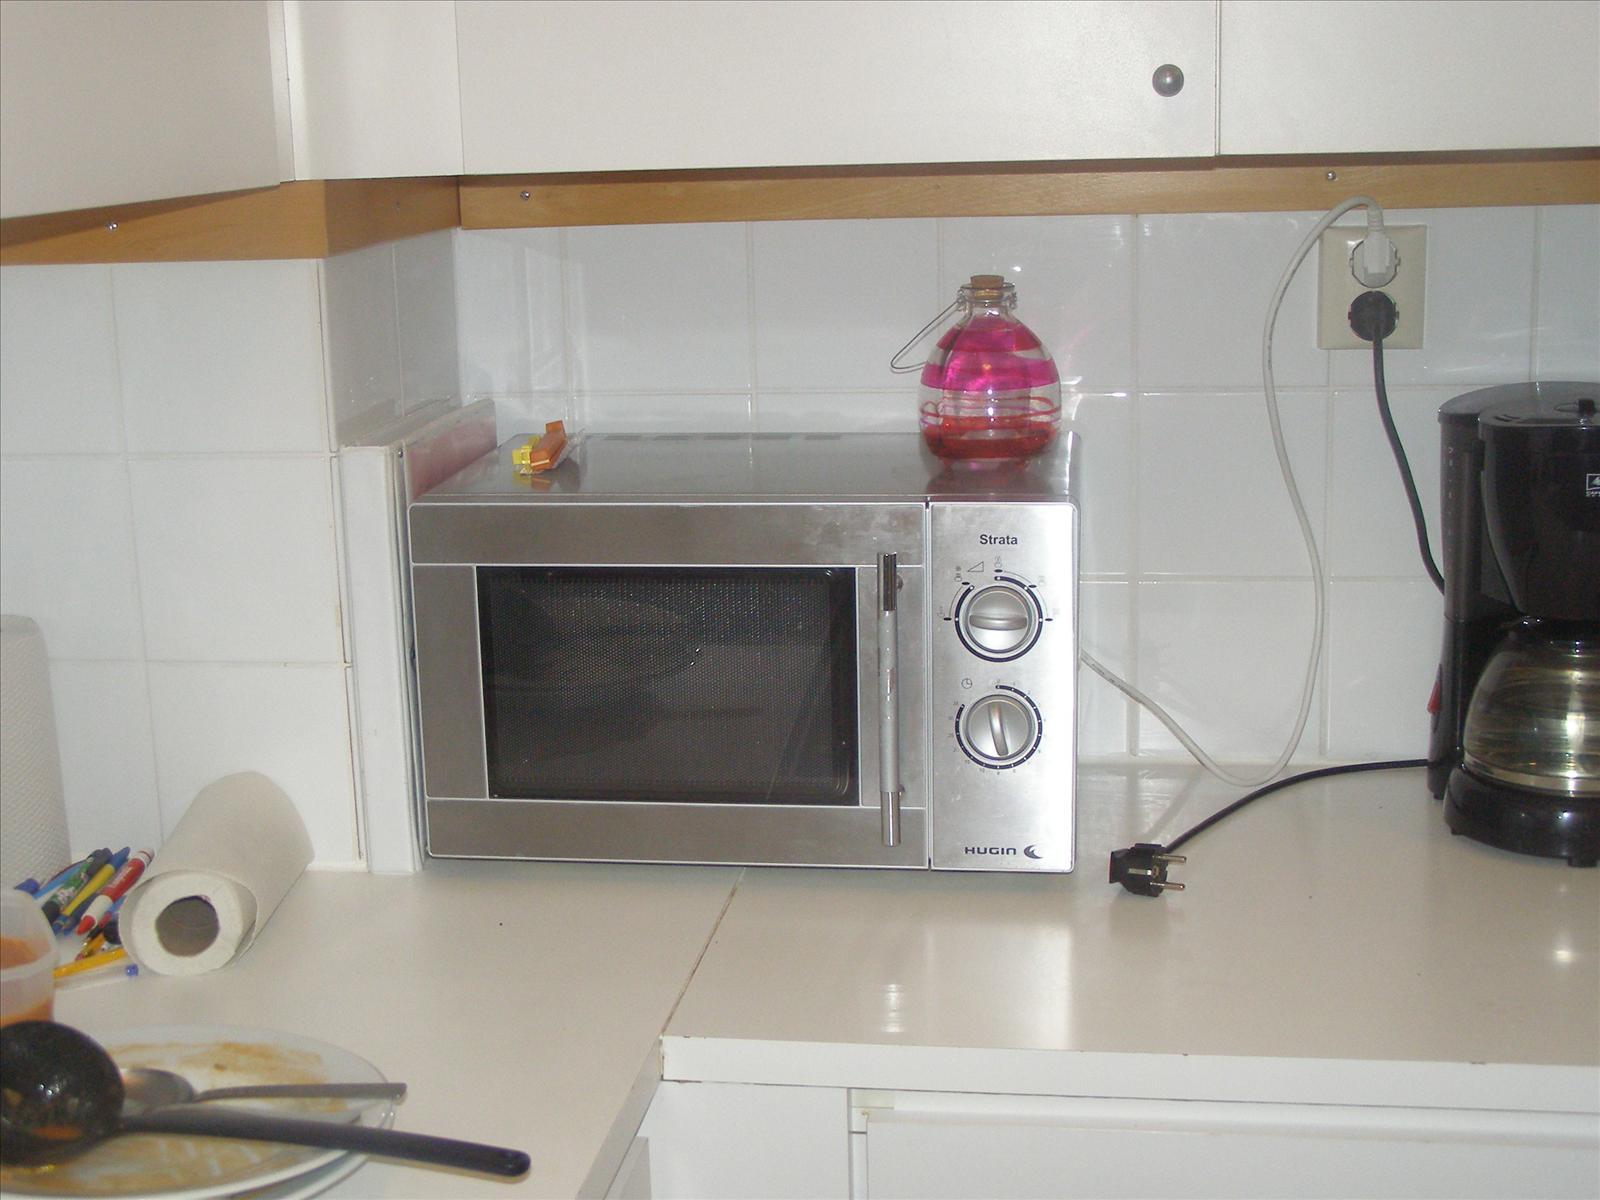 Micro lösning i köket?   kört fast? råd och tips   pyssel ifokus